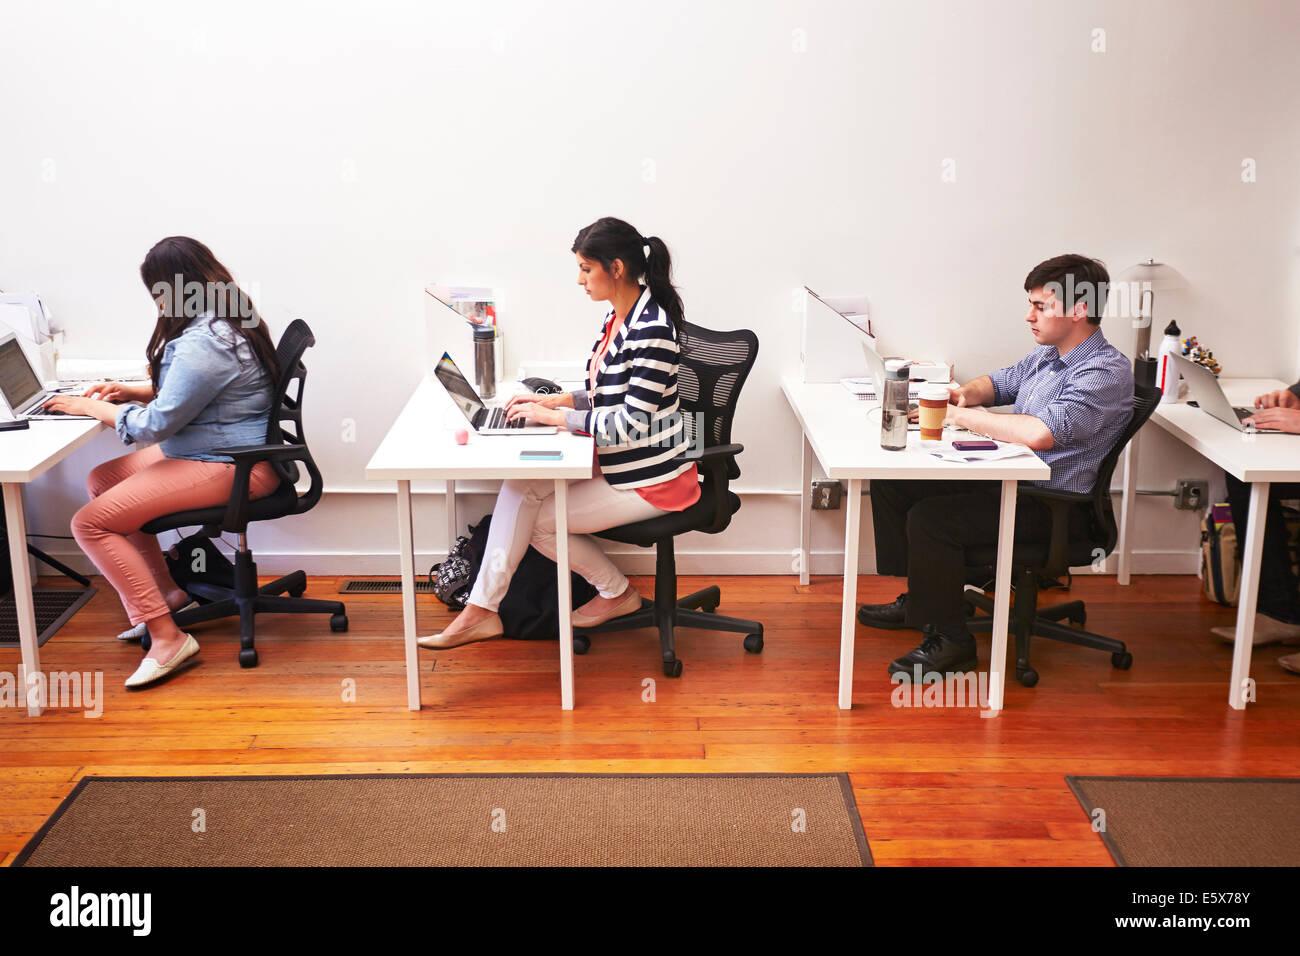 Fila di persone che lavorano alla scrivania in ufficio Immagini Stock